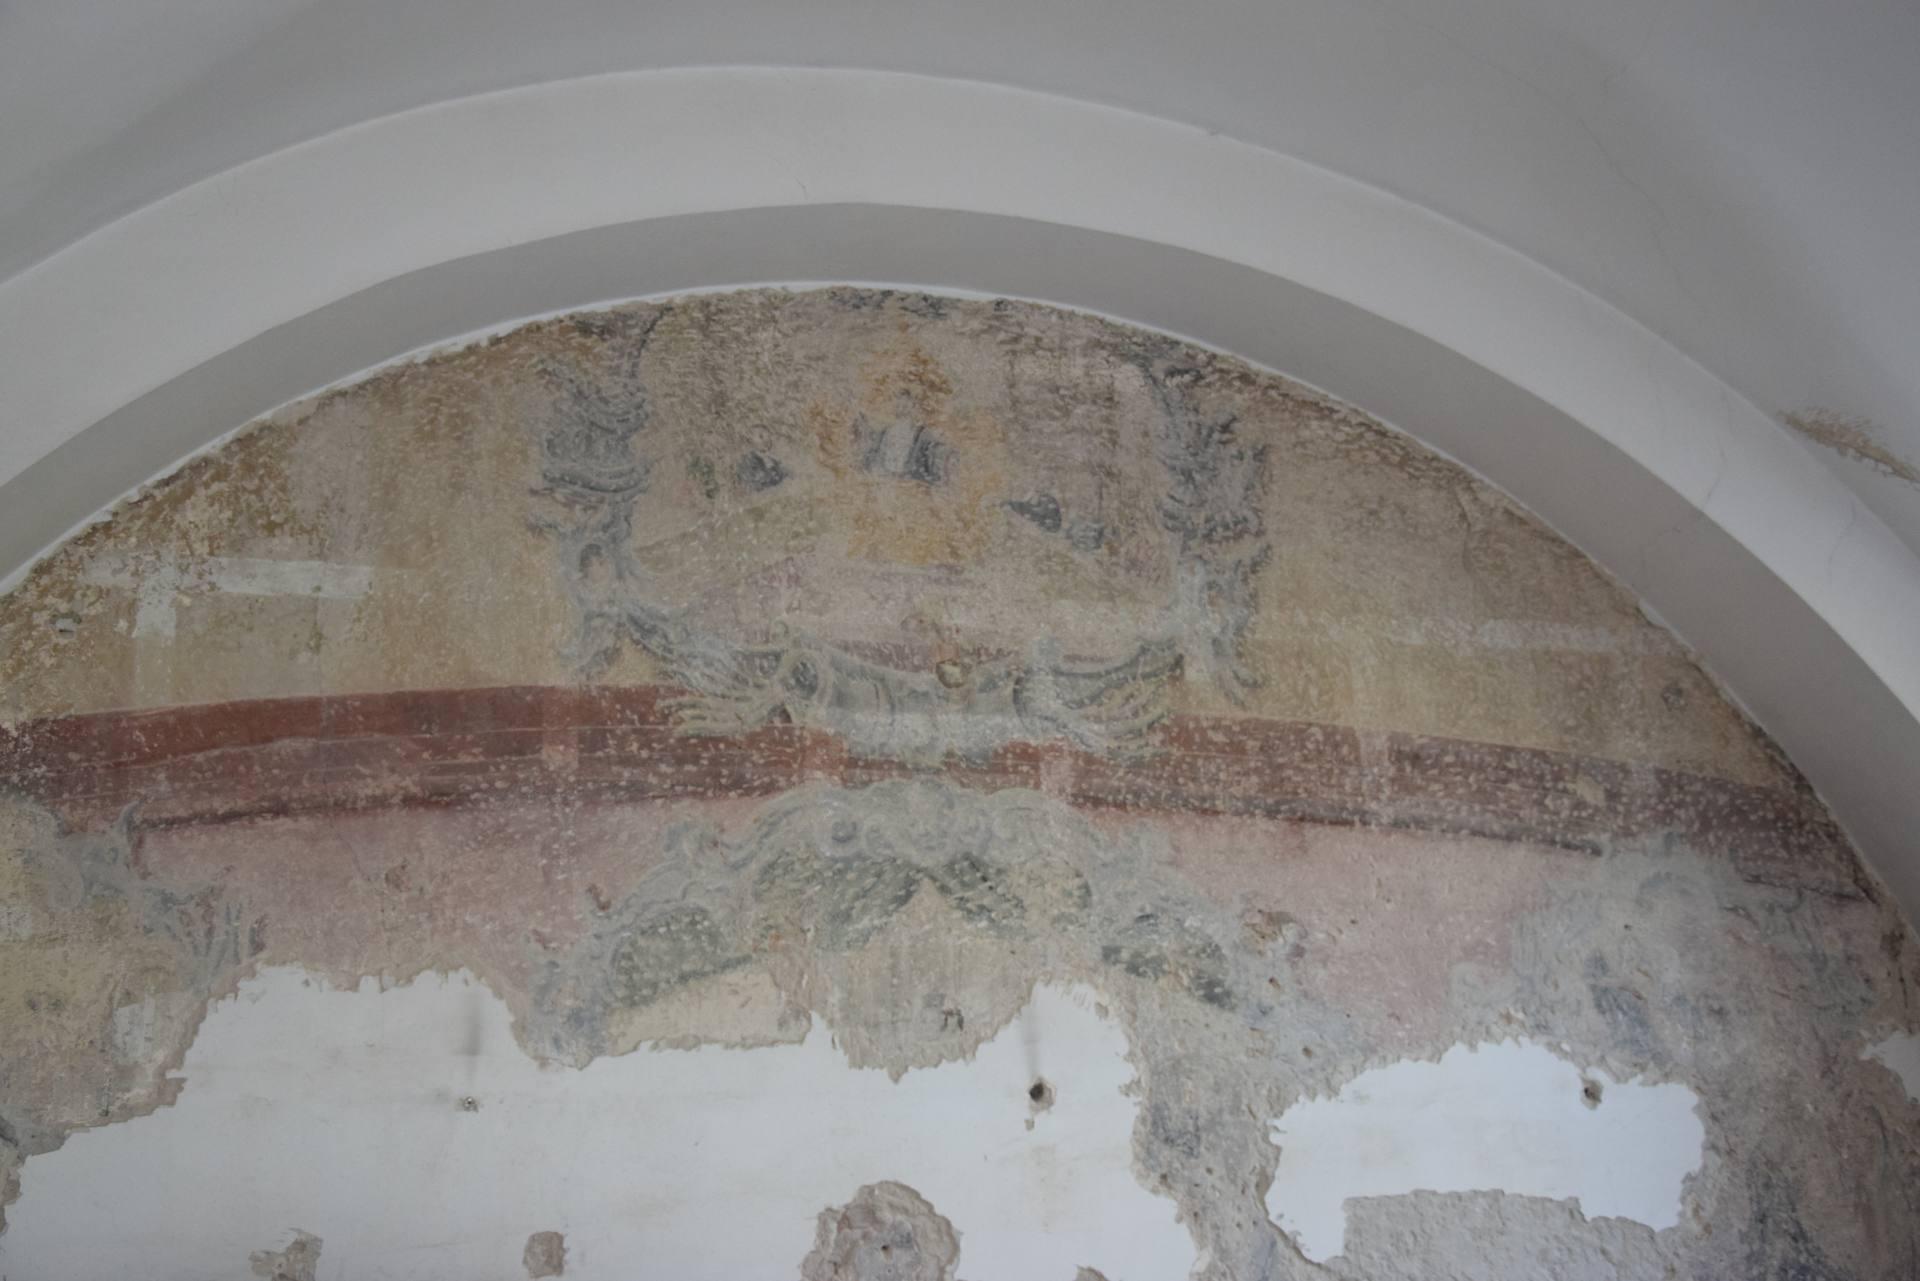 az 3 Zamość: Skarb ukryty pod tynkiem. Cenne znalezisko na ścianach remontowanej Akademii Zamojskiej [ZDJĘCIA]